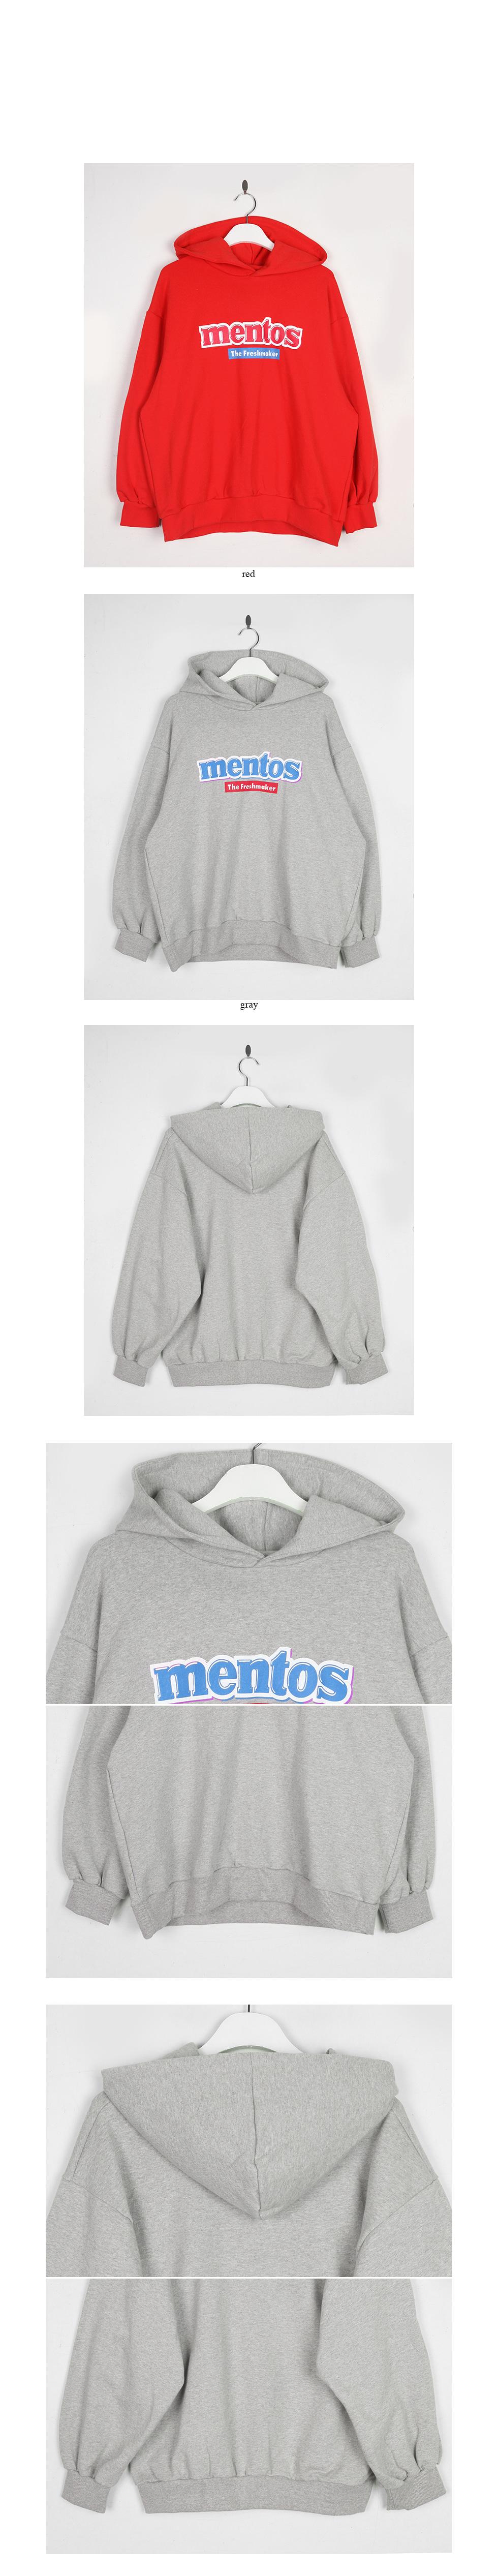 mentos hoodie top